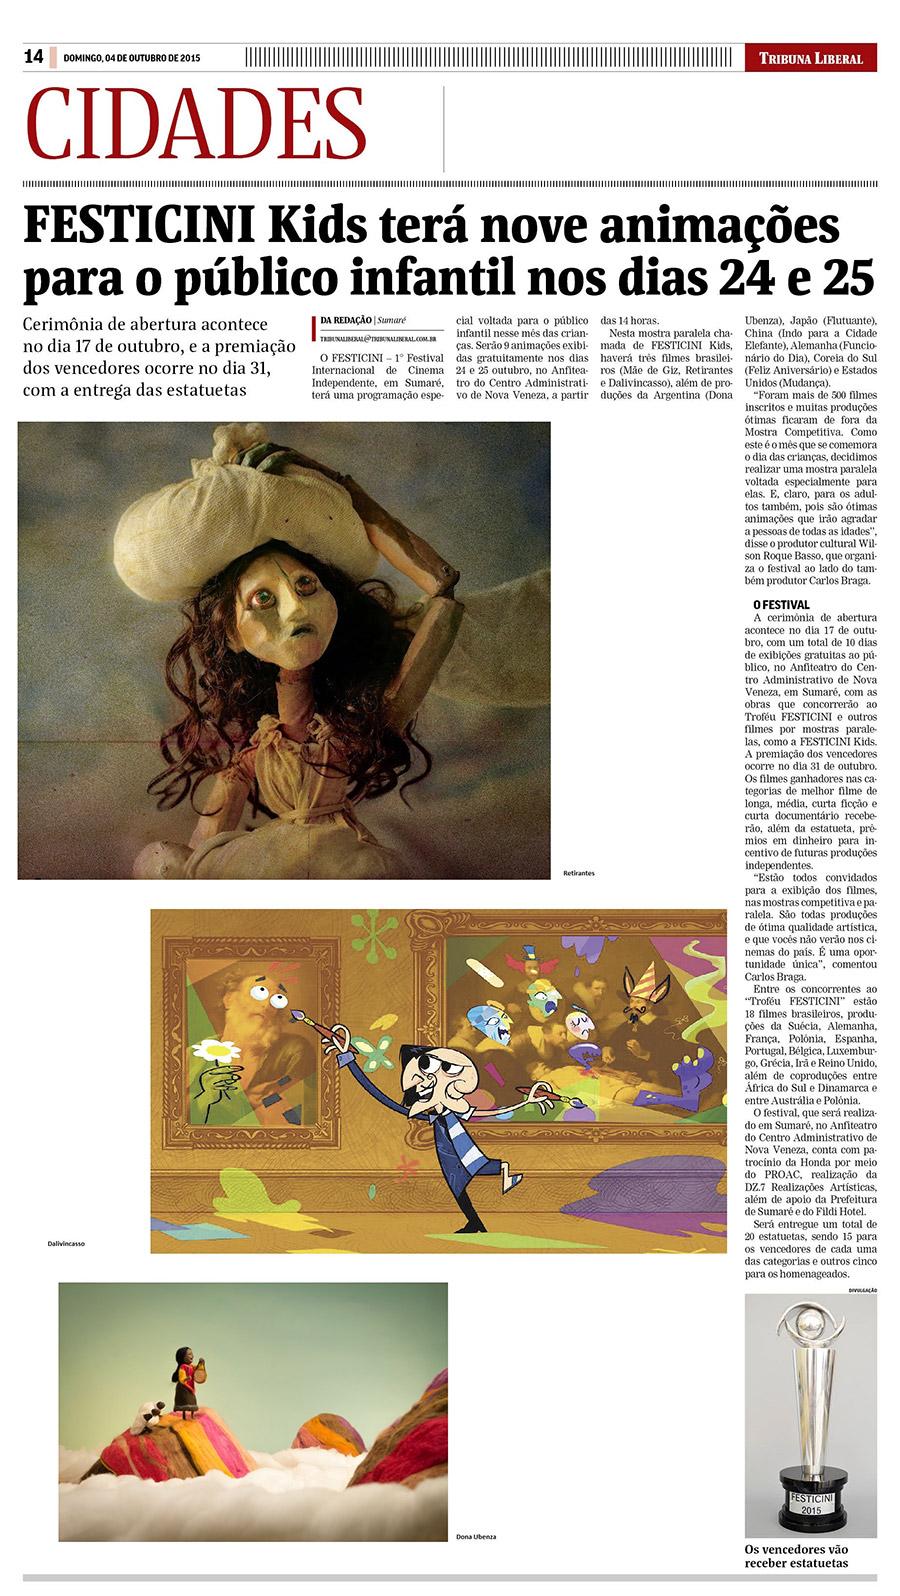 FESTICINI Kids terá nove animações para o público infantil nos dias 24 e 25